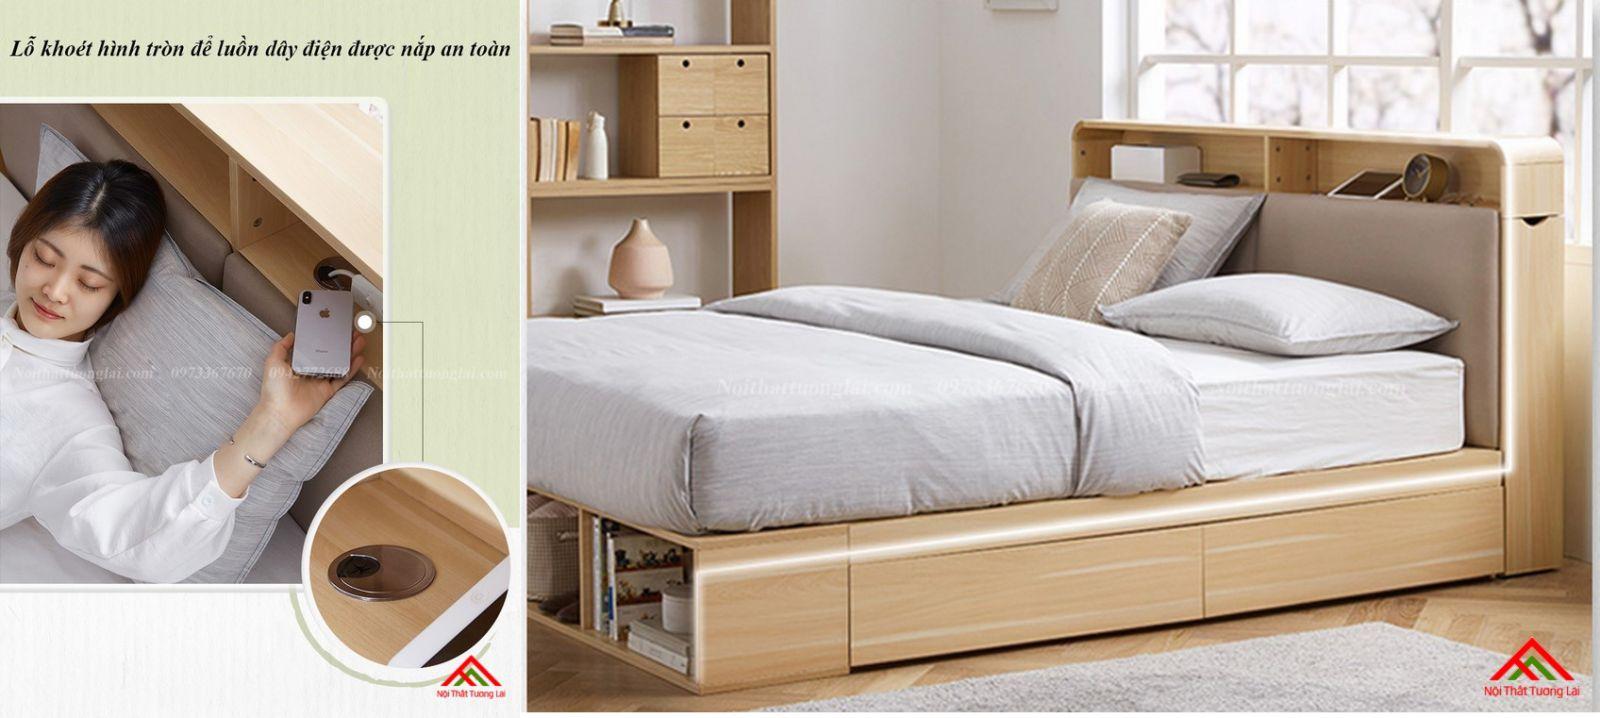 Giường ngủ hộp GN6822 với nhiều ngăn lưu trữ đồ đa dạng 6